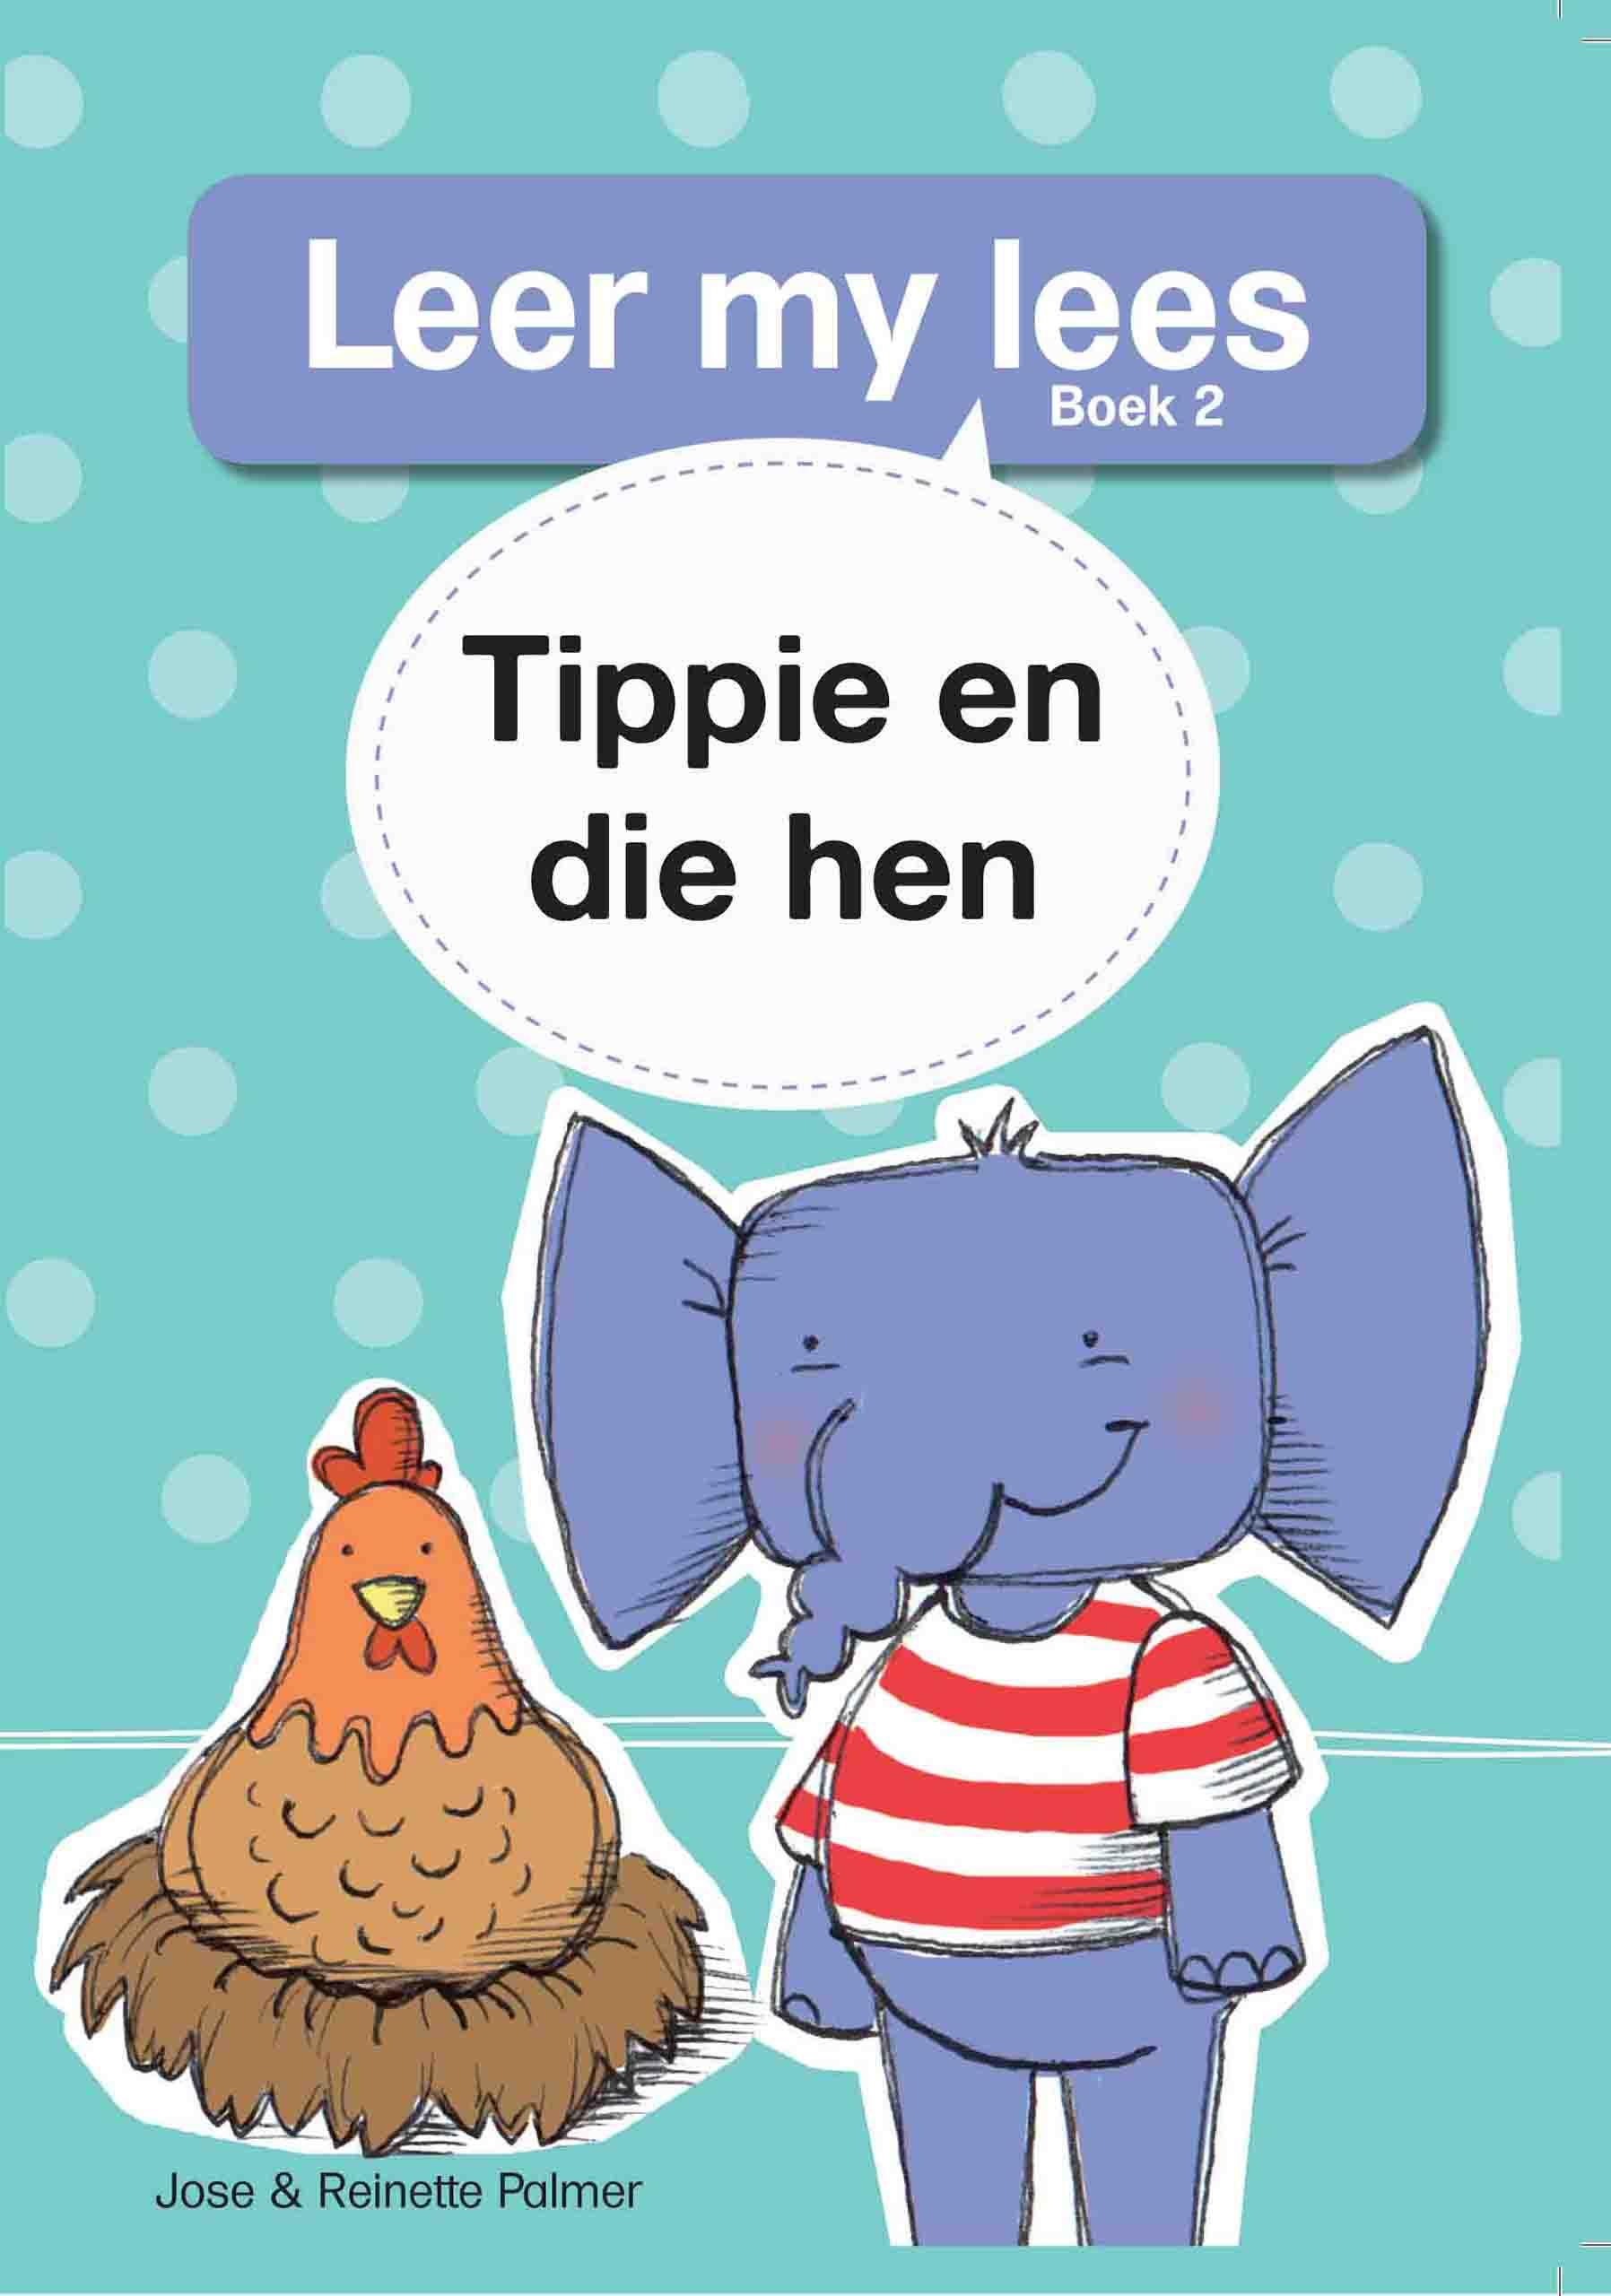 Picture of Tippie en die hen